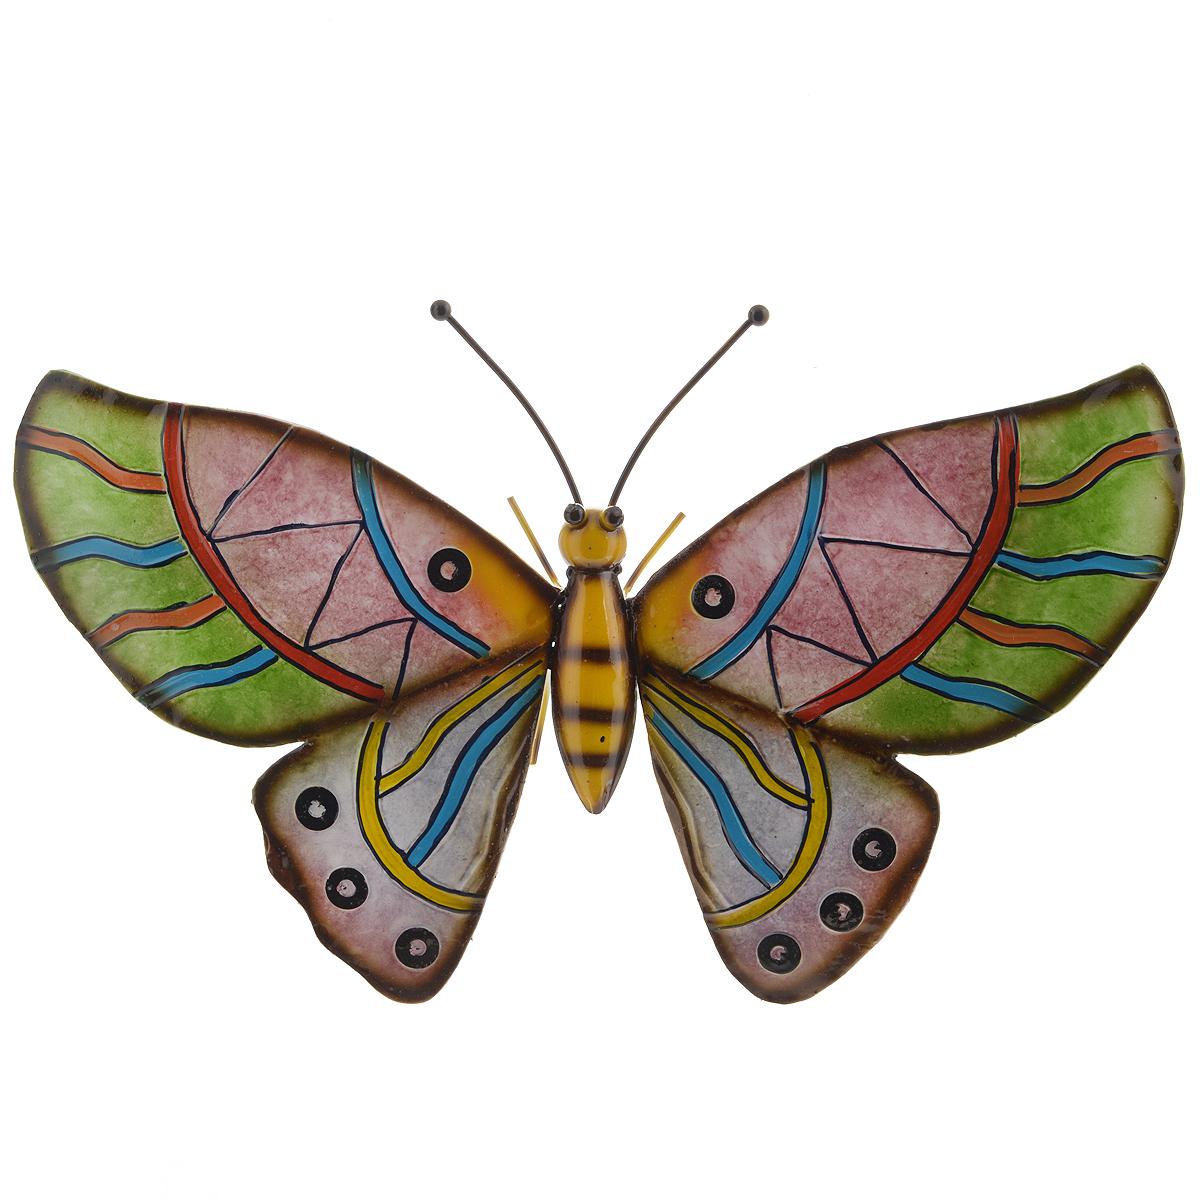 Панно декоративное настенное Molento Бабочка. 576-057POX1001Декоративное настенное панно Molento Бабочка, изготовленное из металла, позволит вам украсить интерьер дома, рабочего кабинета или любого другого помещения оригинальным образом. Изделие выполнено в виде бабочки с красивыми рельефными крыльями, оформленными ярким орнаментом. Панно оснащено специальным отверстием для подвешивания.С таким панно вы сможете не просто внести в интерьер элемент оригинальности, но и создать атмосферу загадочности и изысканности.